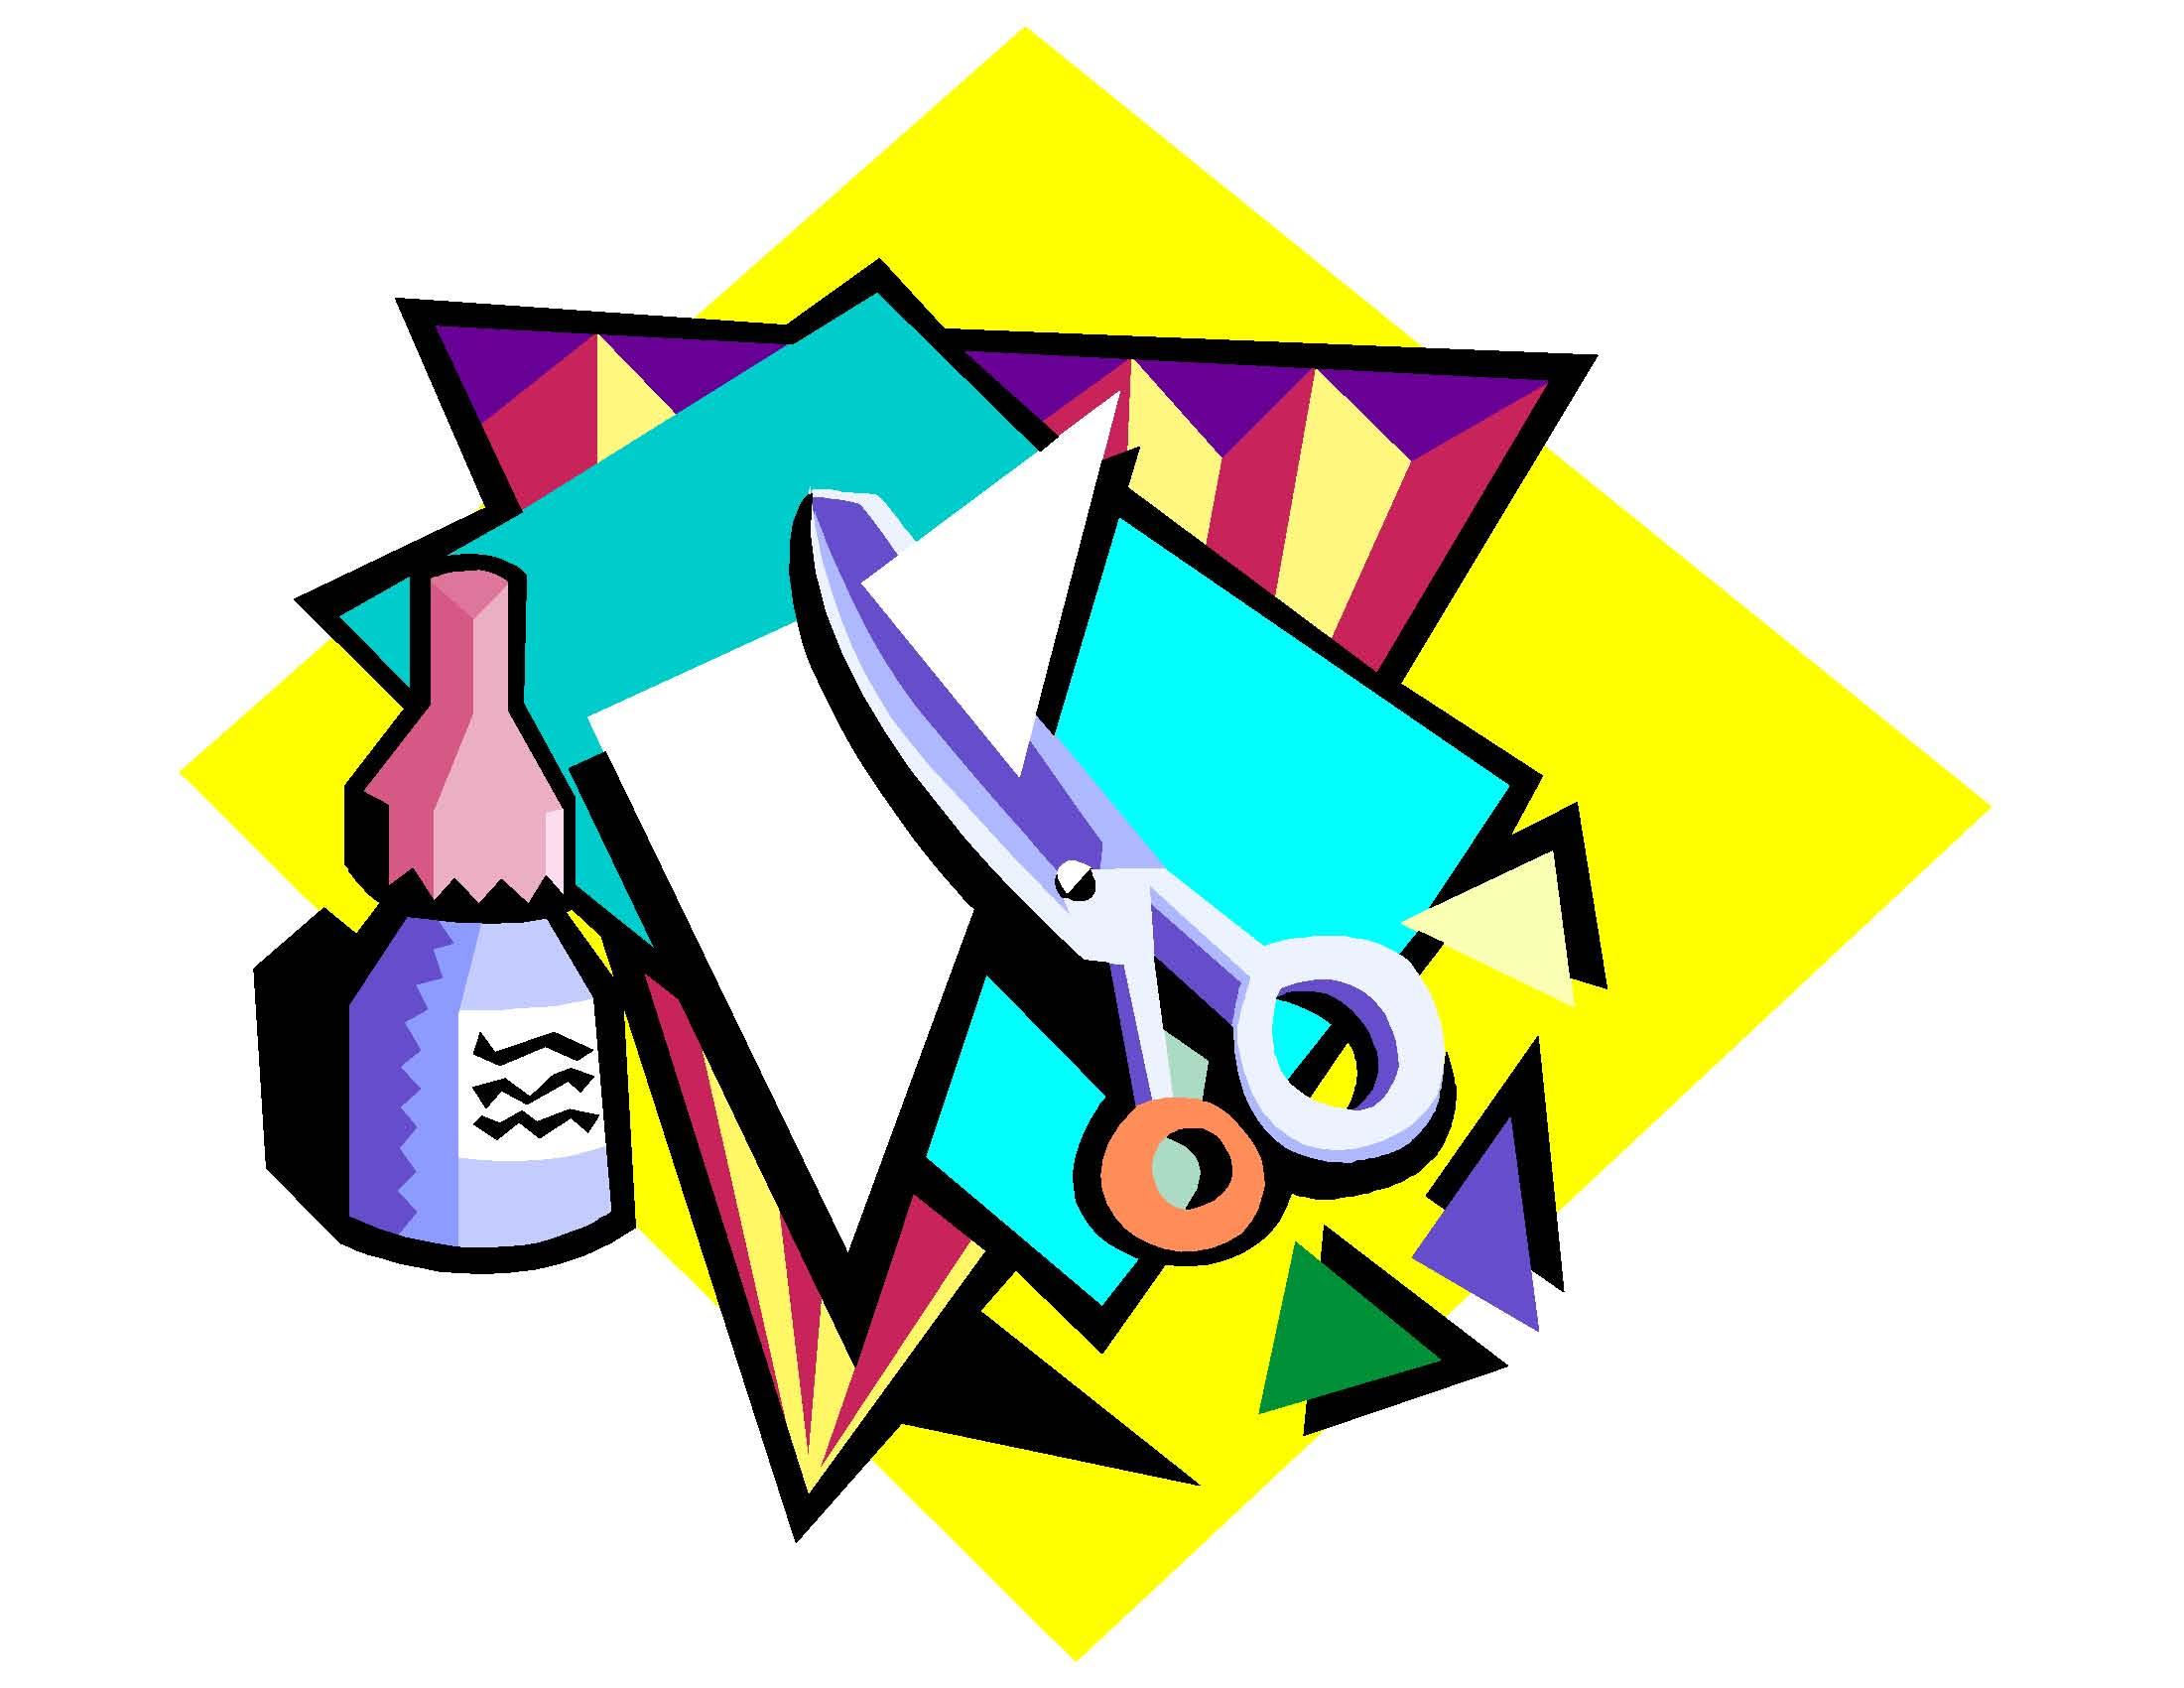 2201x1701 Hobbies For Teens Design Clip Art Cliparts